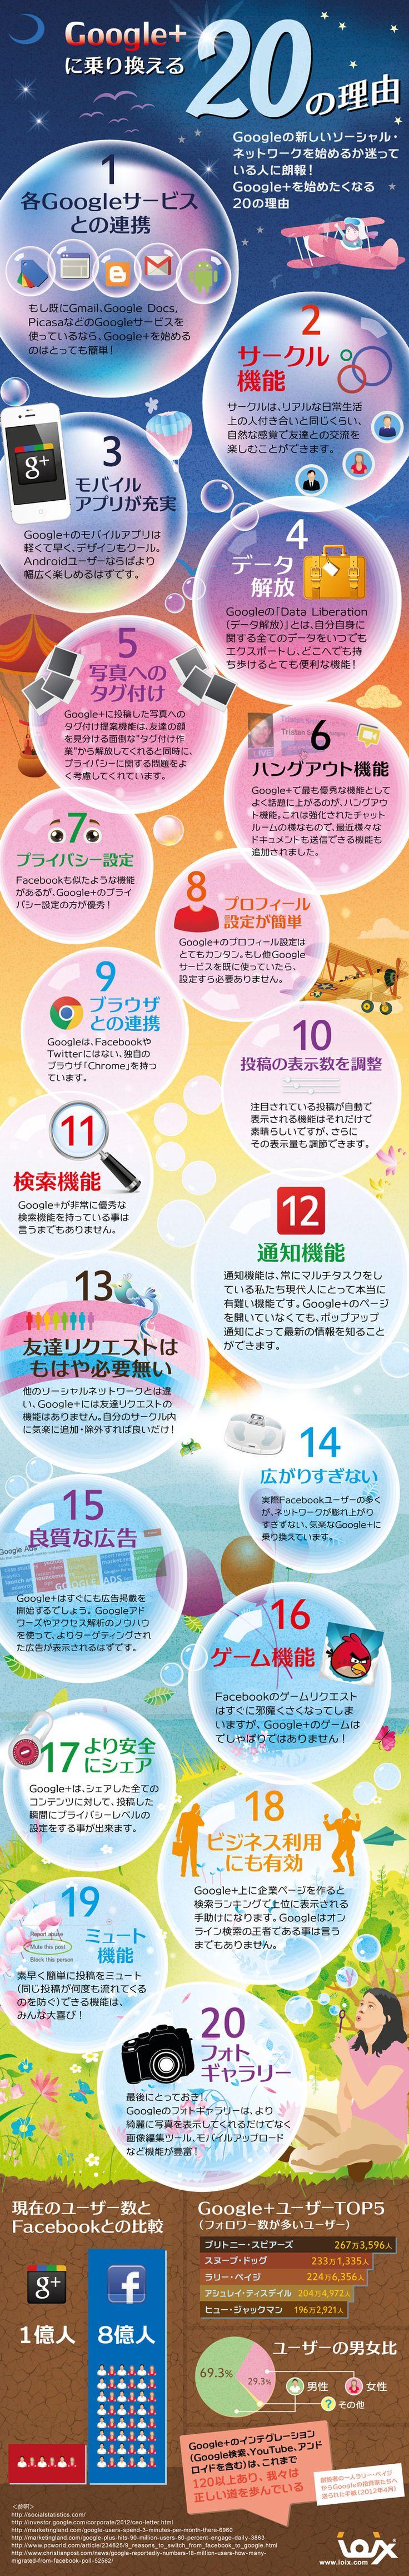 Google+を使うべき20の理由(インフォグラフィック) | SEO Japan